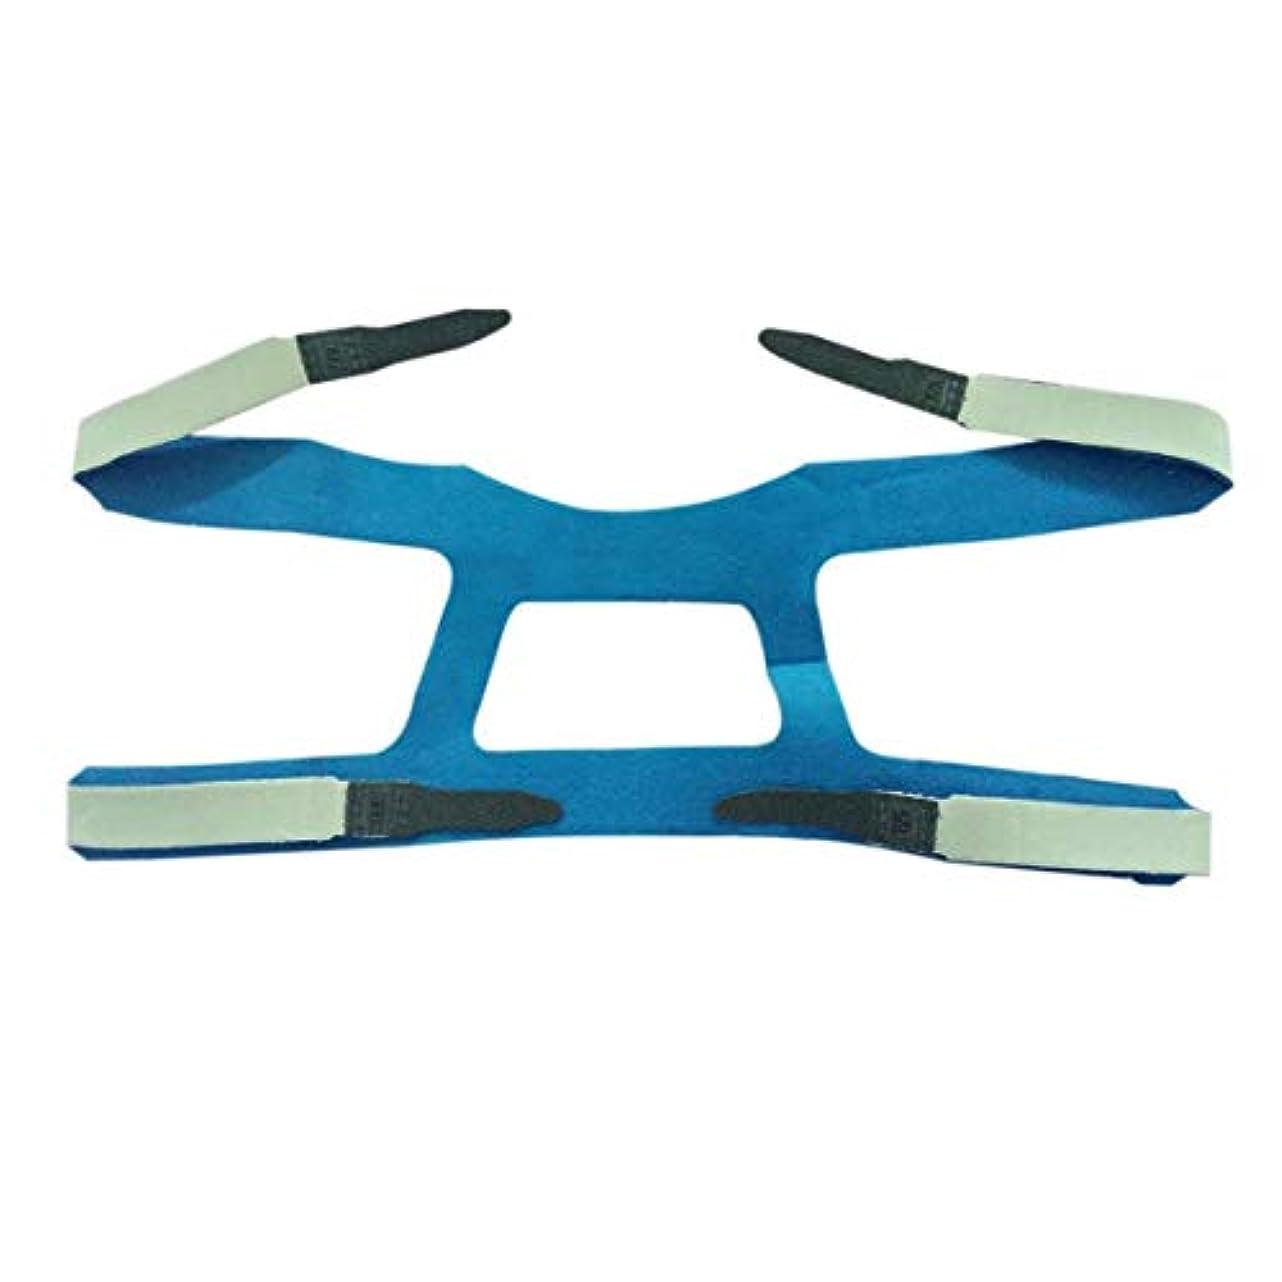 項目有益な瞑想的intercorey保護ギアユニバーサルデザインヘッドギアコンフォートジェルフルマスク安全な環境の取り替えCPAPヘッドバンドなしマスク用PHILPS